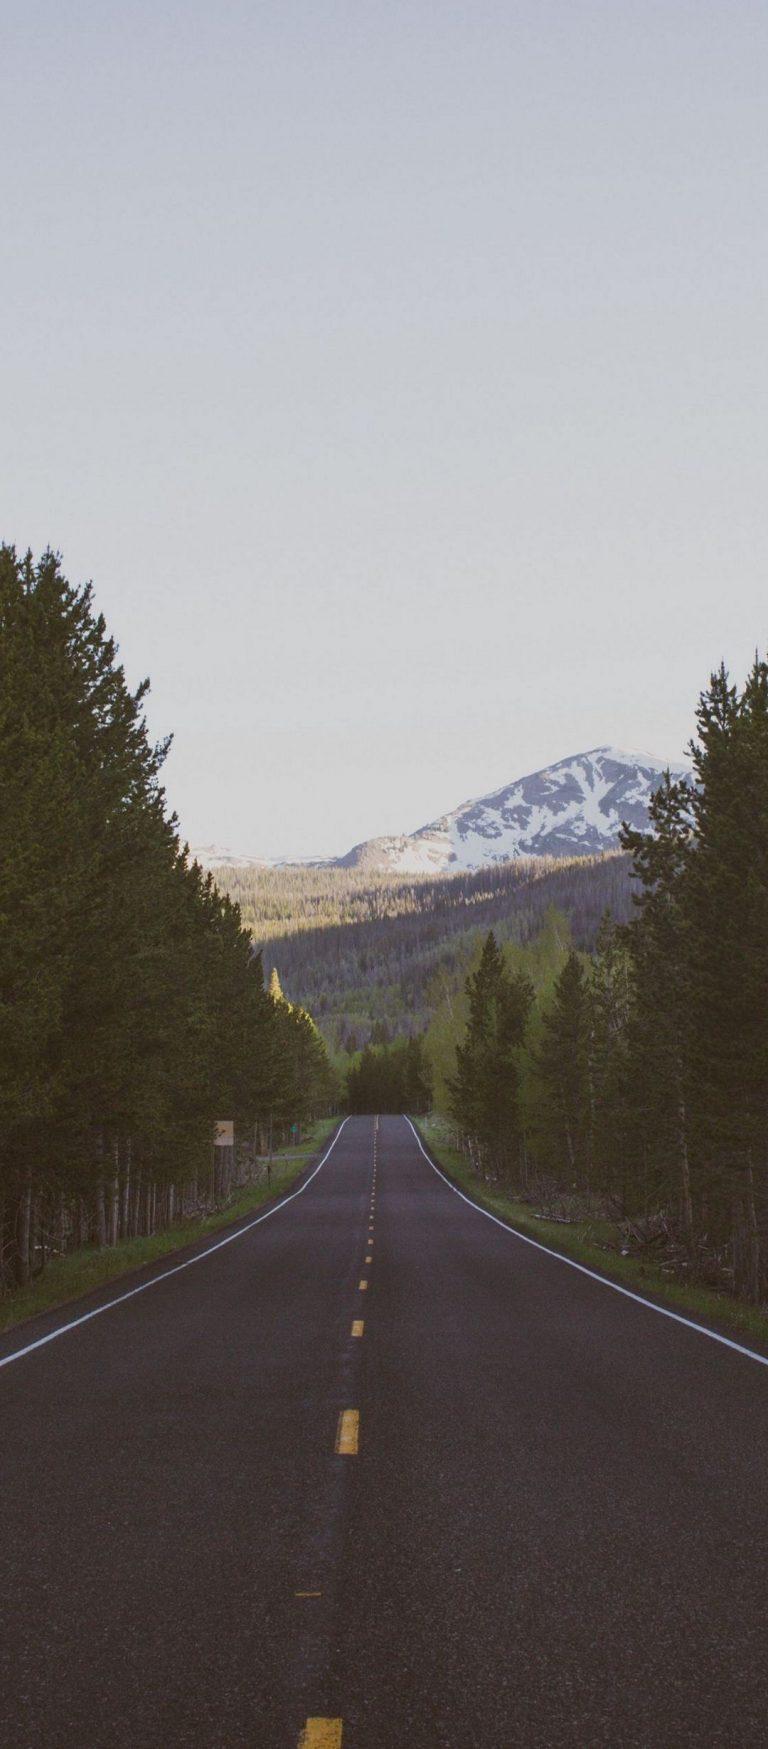 Road Trees Marking 1080x2460 768x1749